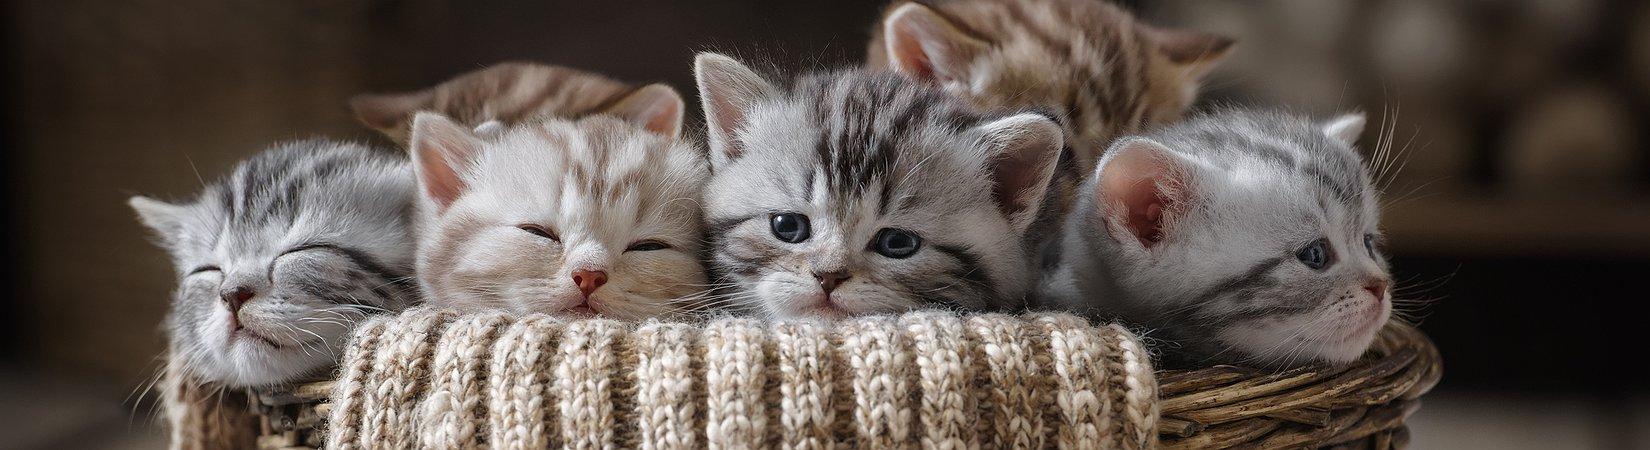 La aplicación más popular de ethereum es un juego de gatos